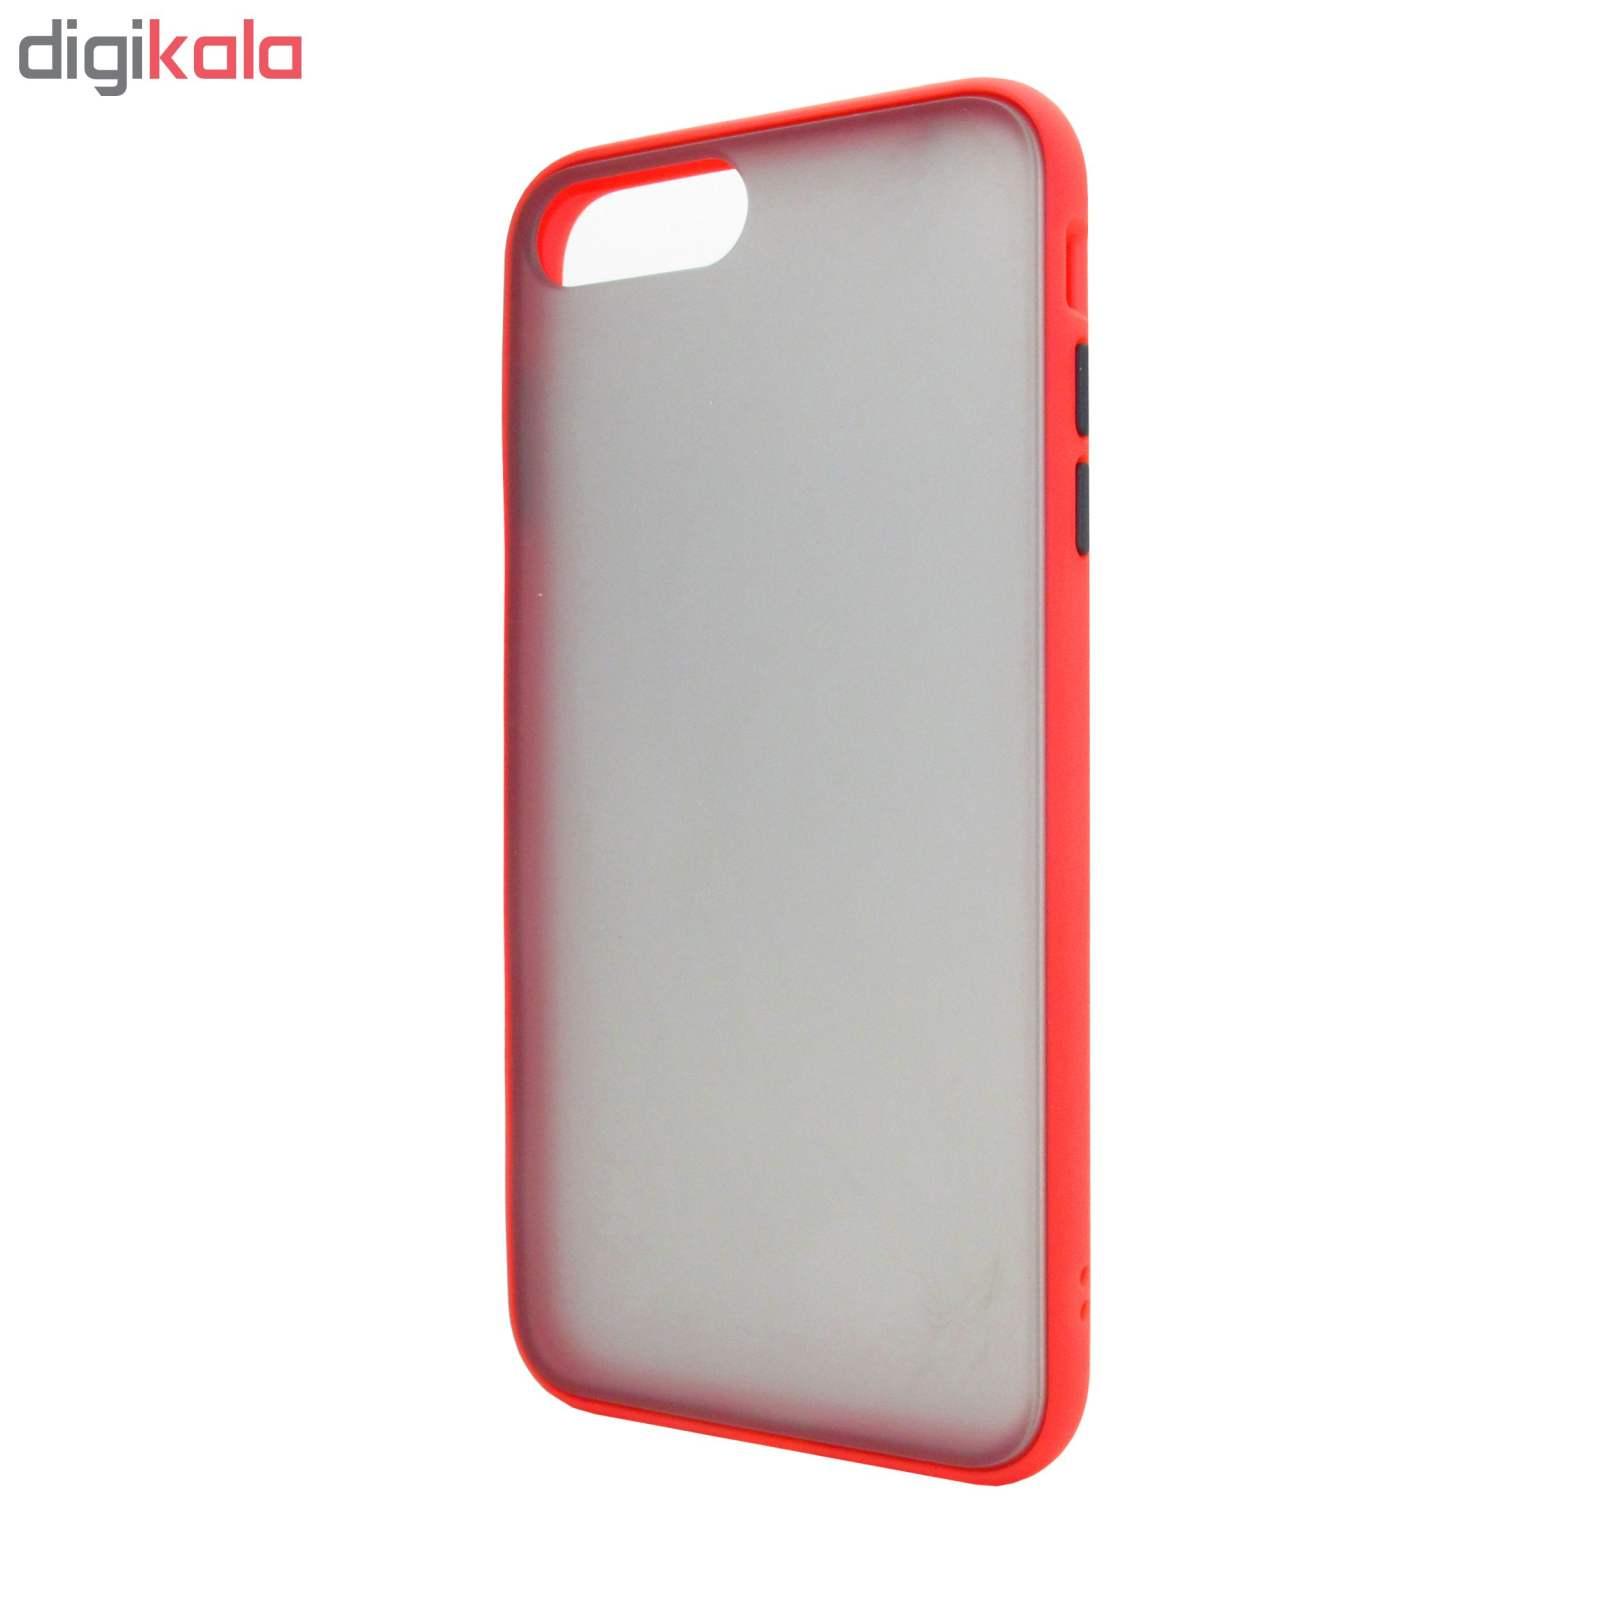 کاور مدل GS-MC مناسب برای گوشی موبایل اپل Iphone 7Plus/8 plus main 1 4